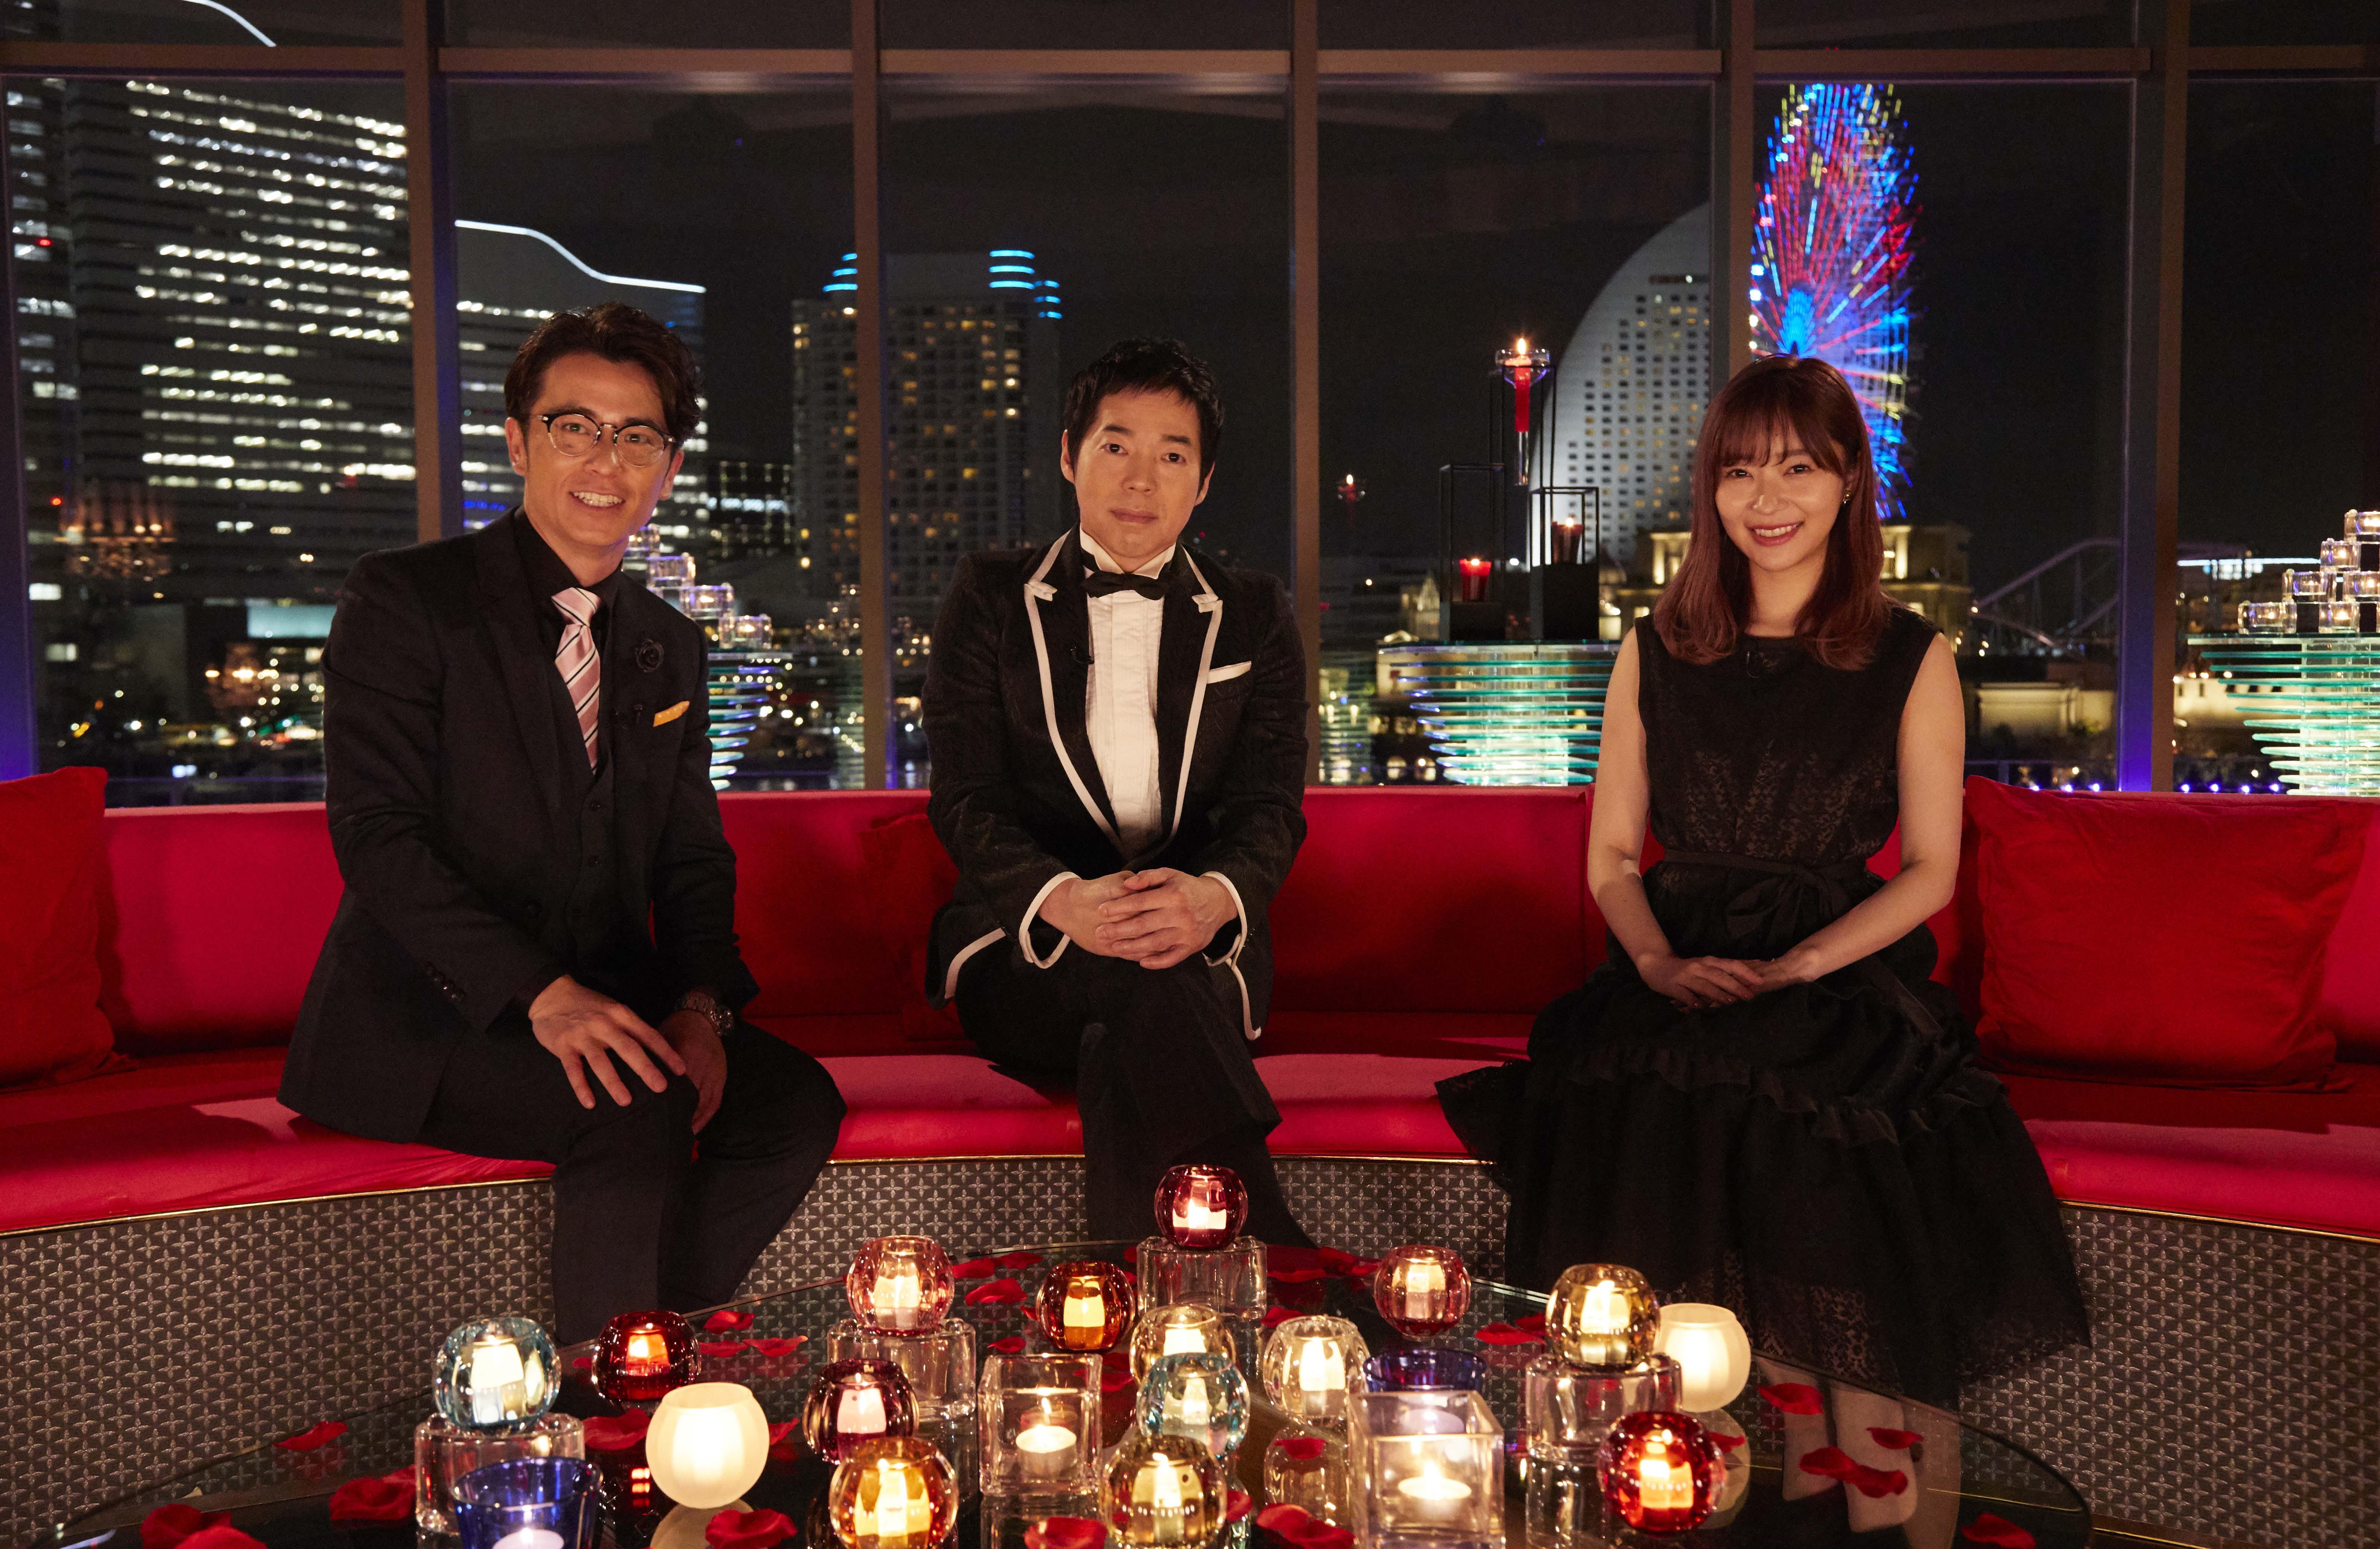 『バチェラー・ジャパン』シーズン3 MCの今田耕司・藤森慎吾氏・指原莉乃